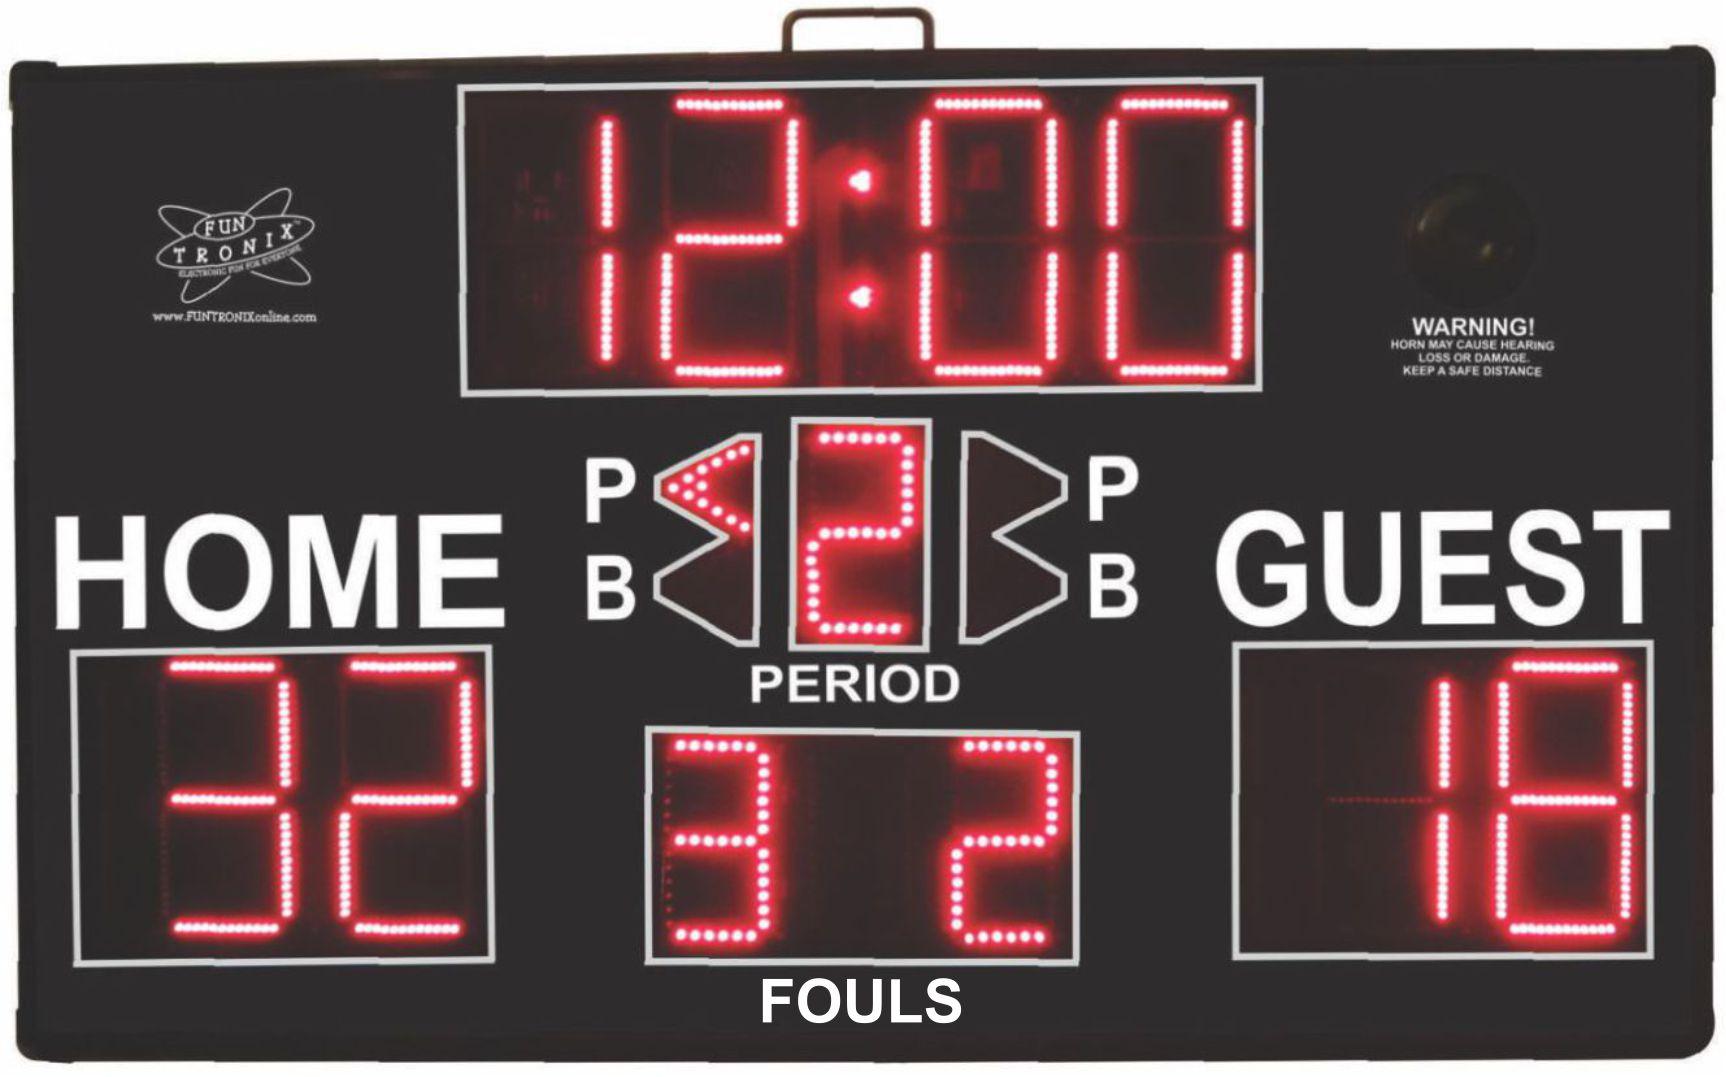 Ultra-Large Portable Multisport Scoreboard